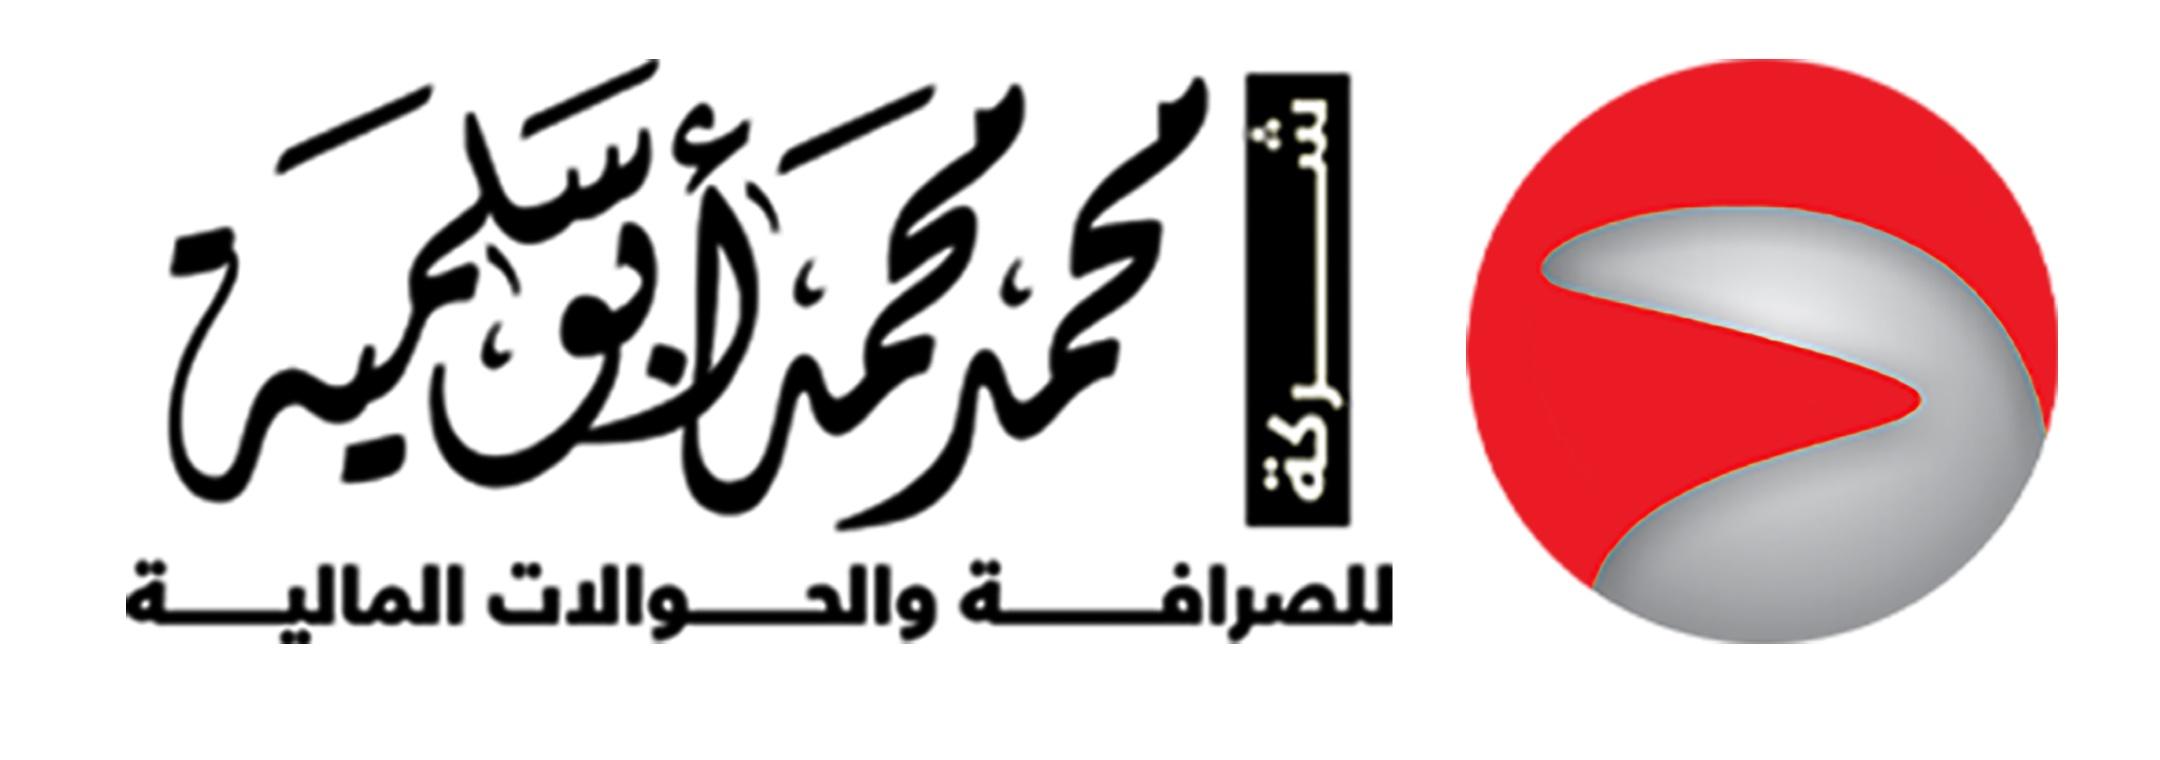 شركة محمد محمد ابو سلمية للصرافة